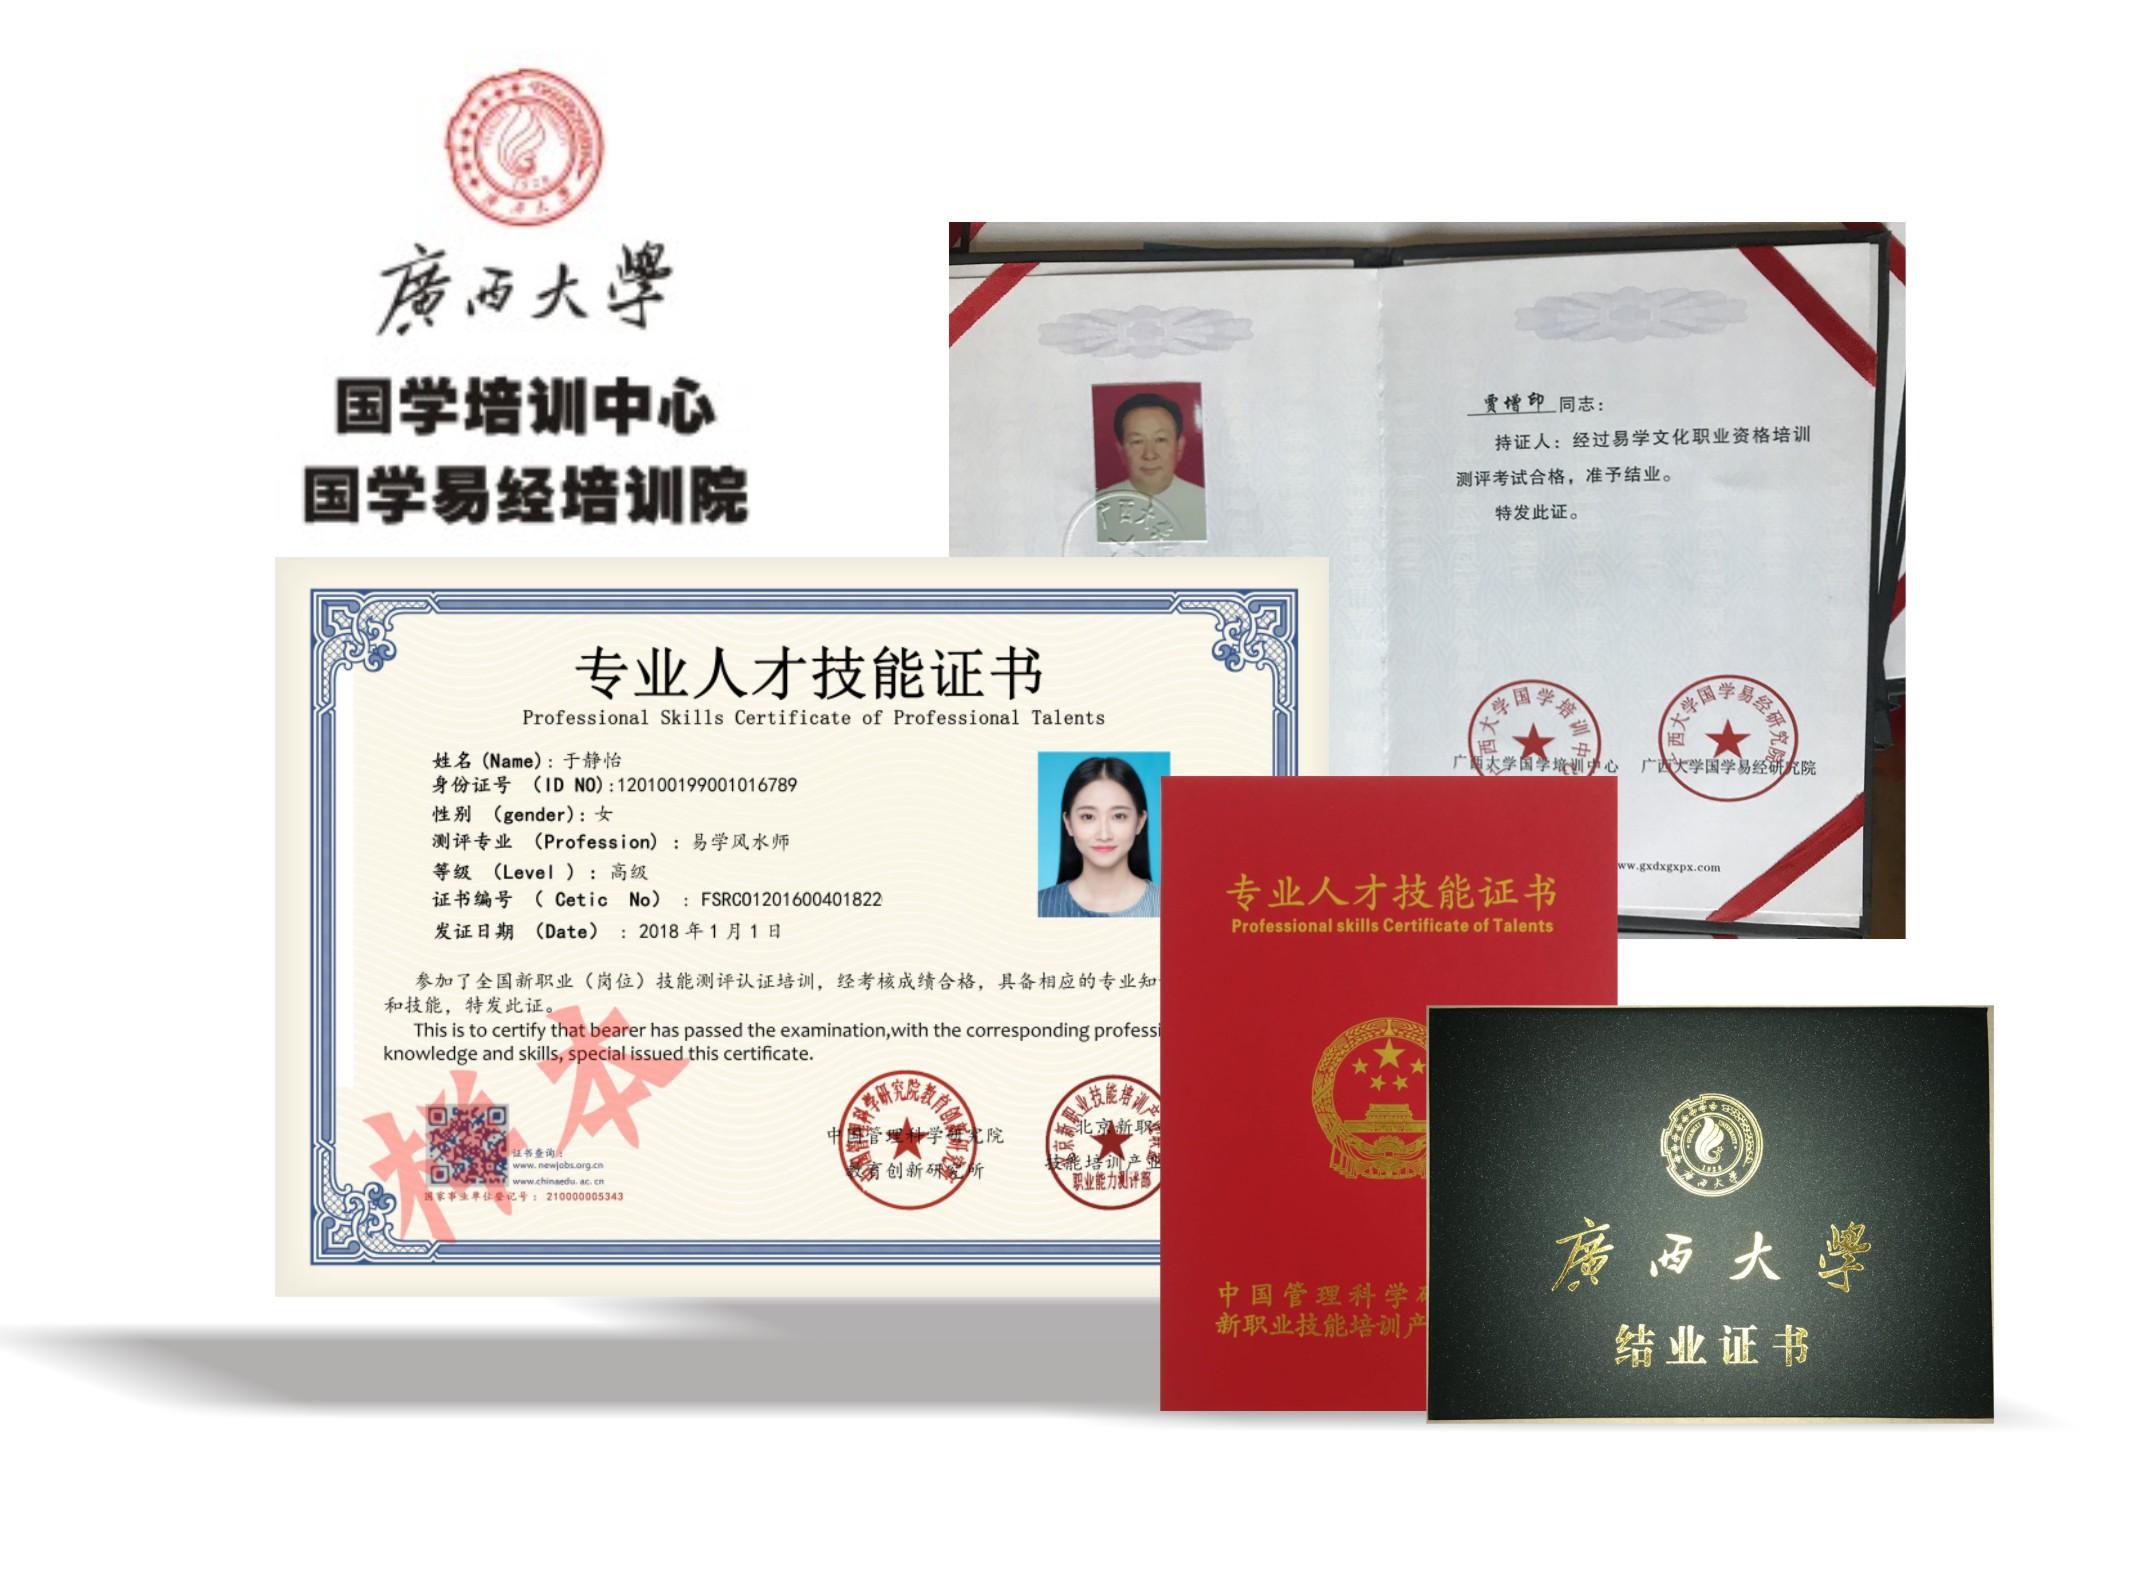 广西大学继续教育学院第四期专业人才技能资格学习班开班通知!